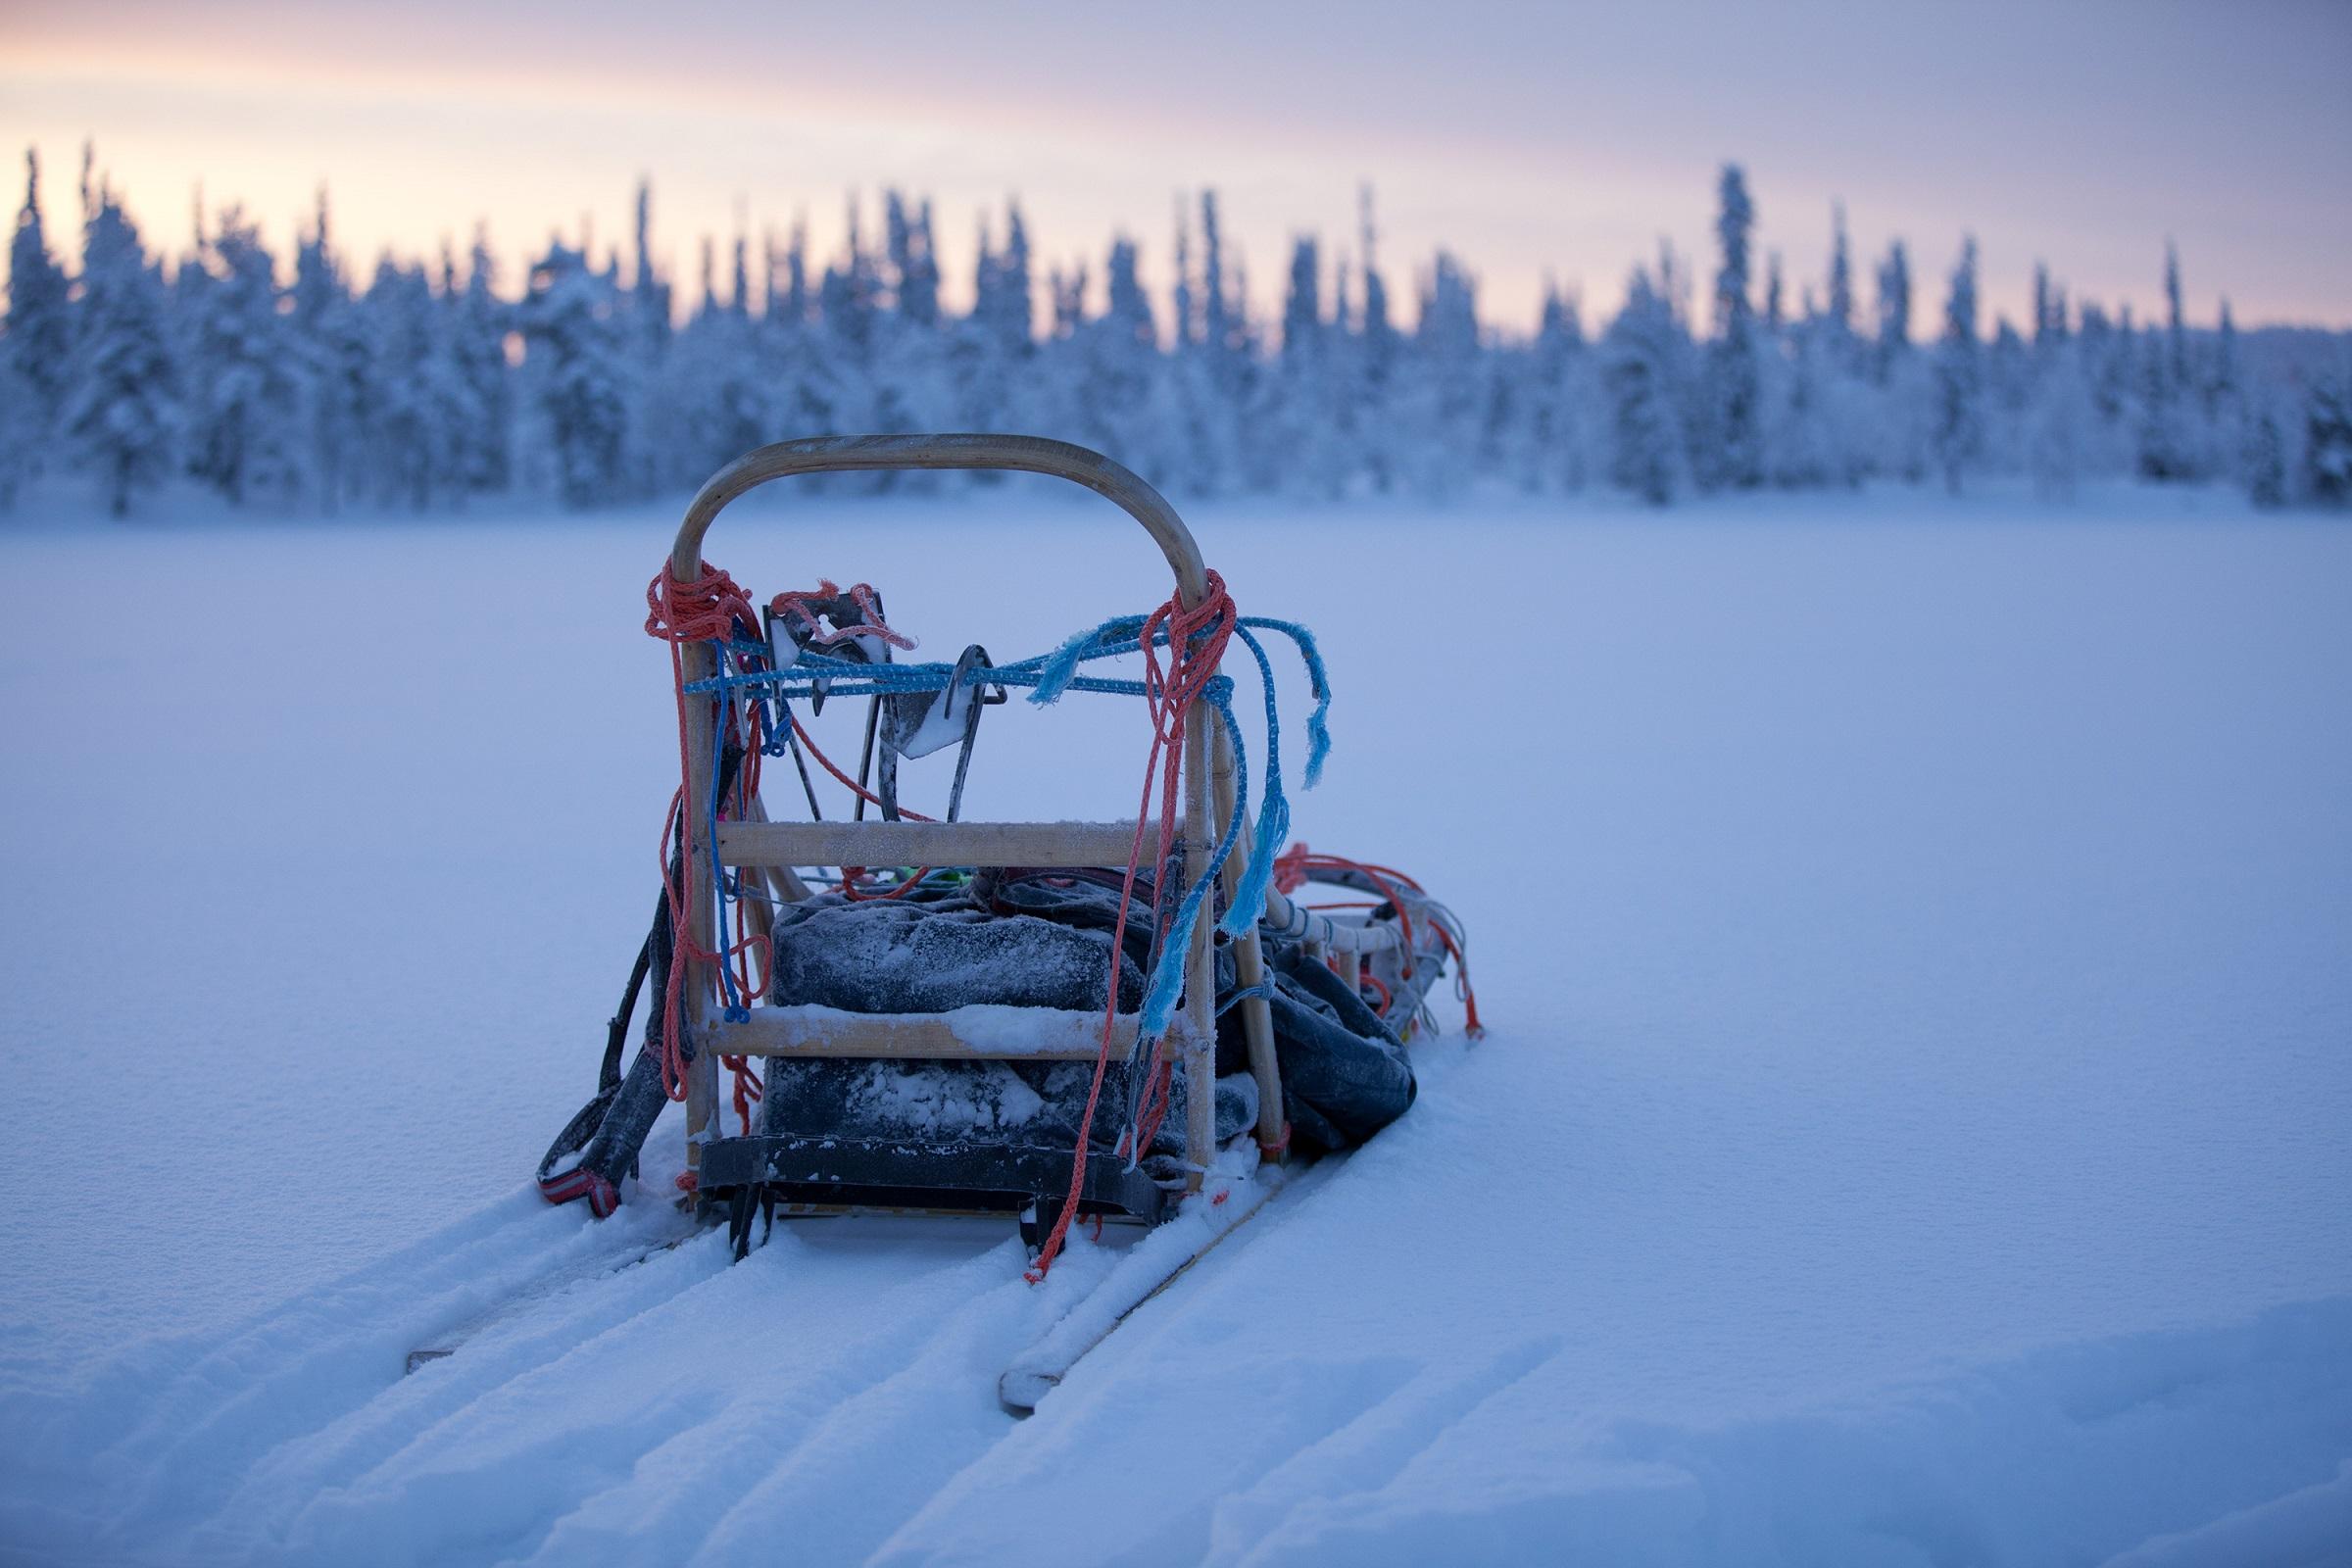 Please credit Antti Pietakainen 2012 46